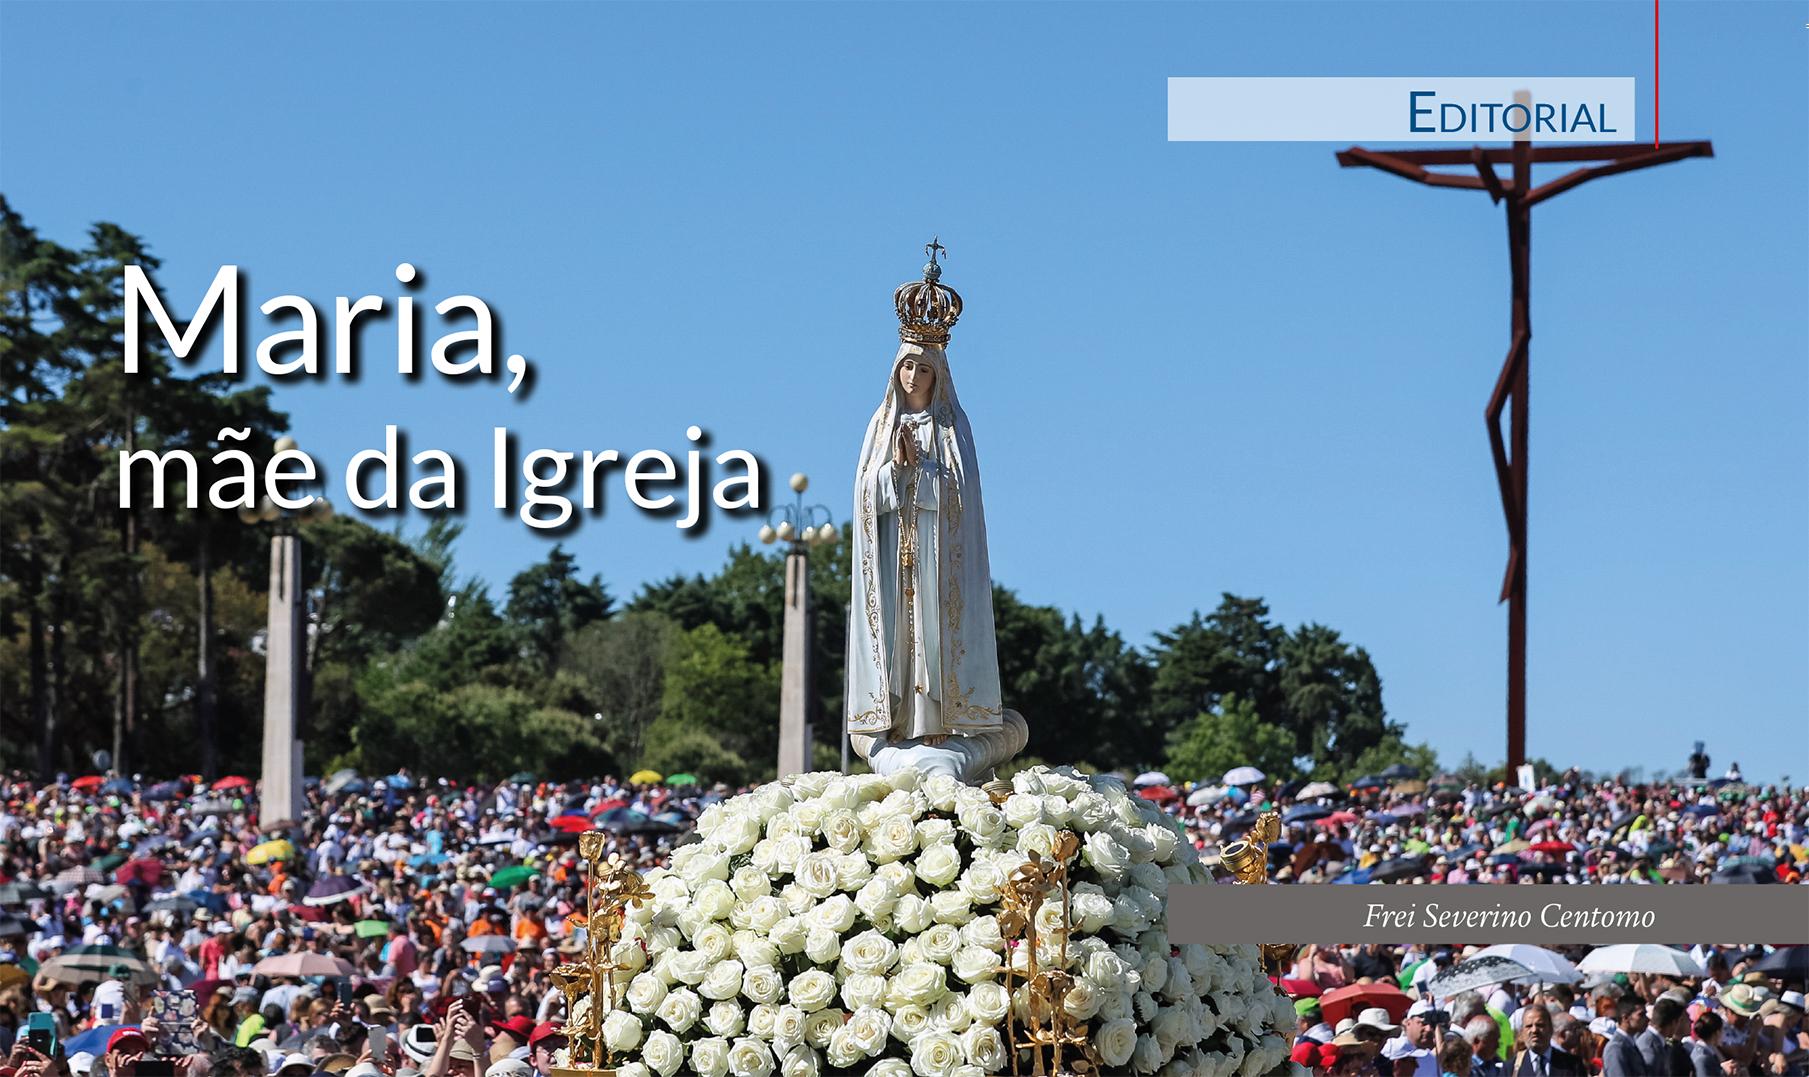 Fátima, 13 de maio de 2019. Foto EPA/PAULO NOVAIS.